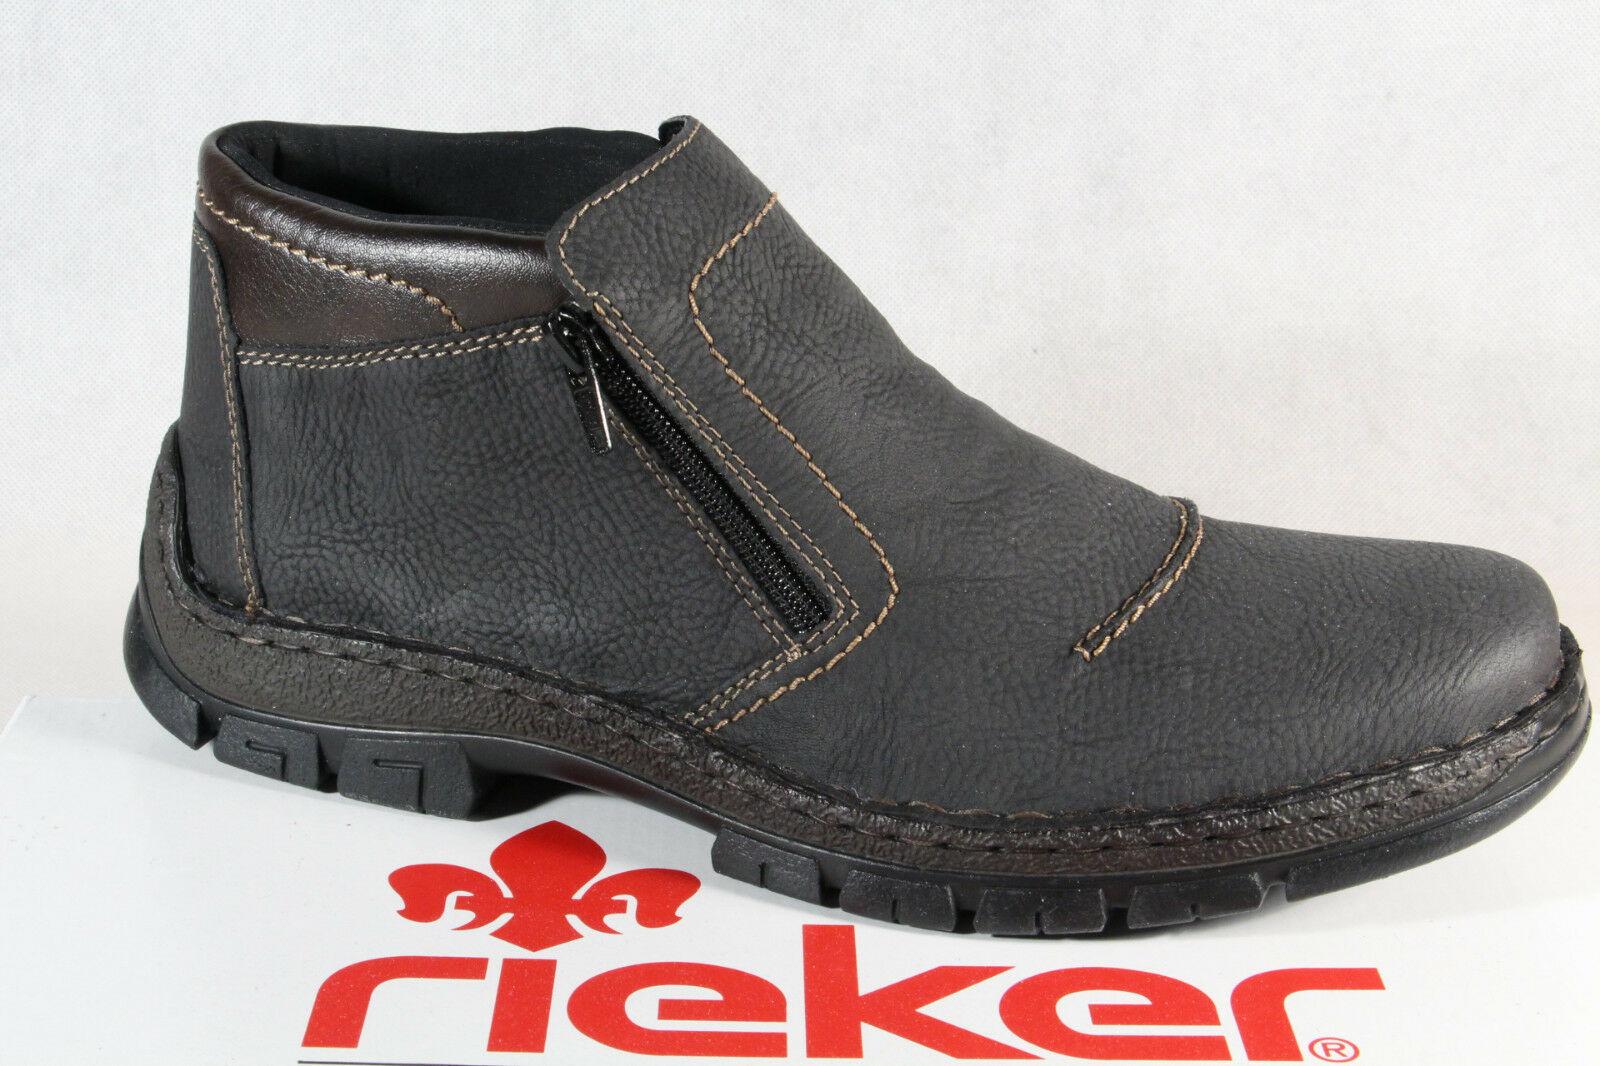 RIEKER HERRENSCHUHE STIEFEL Leder Stiefeletten Boots braun